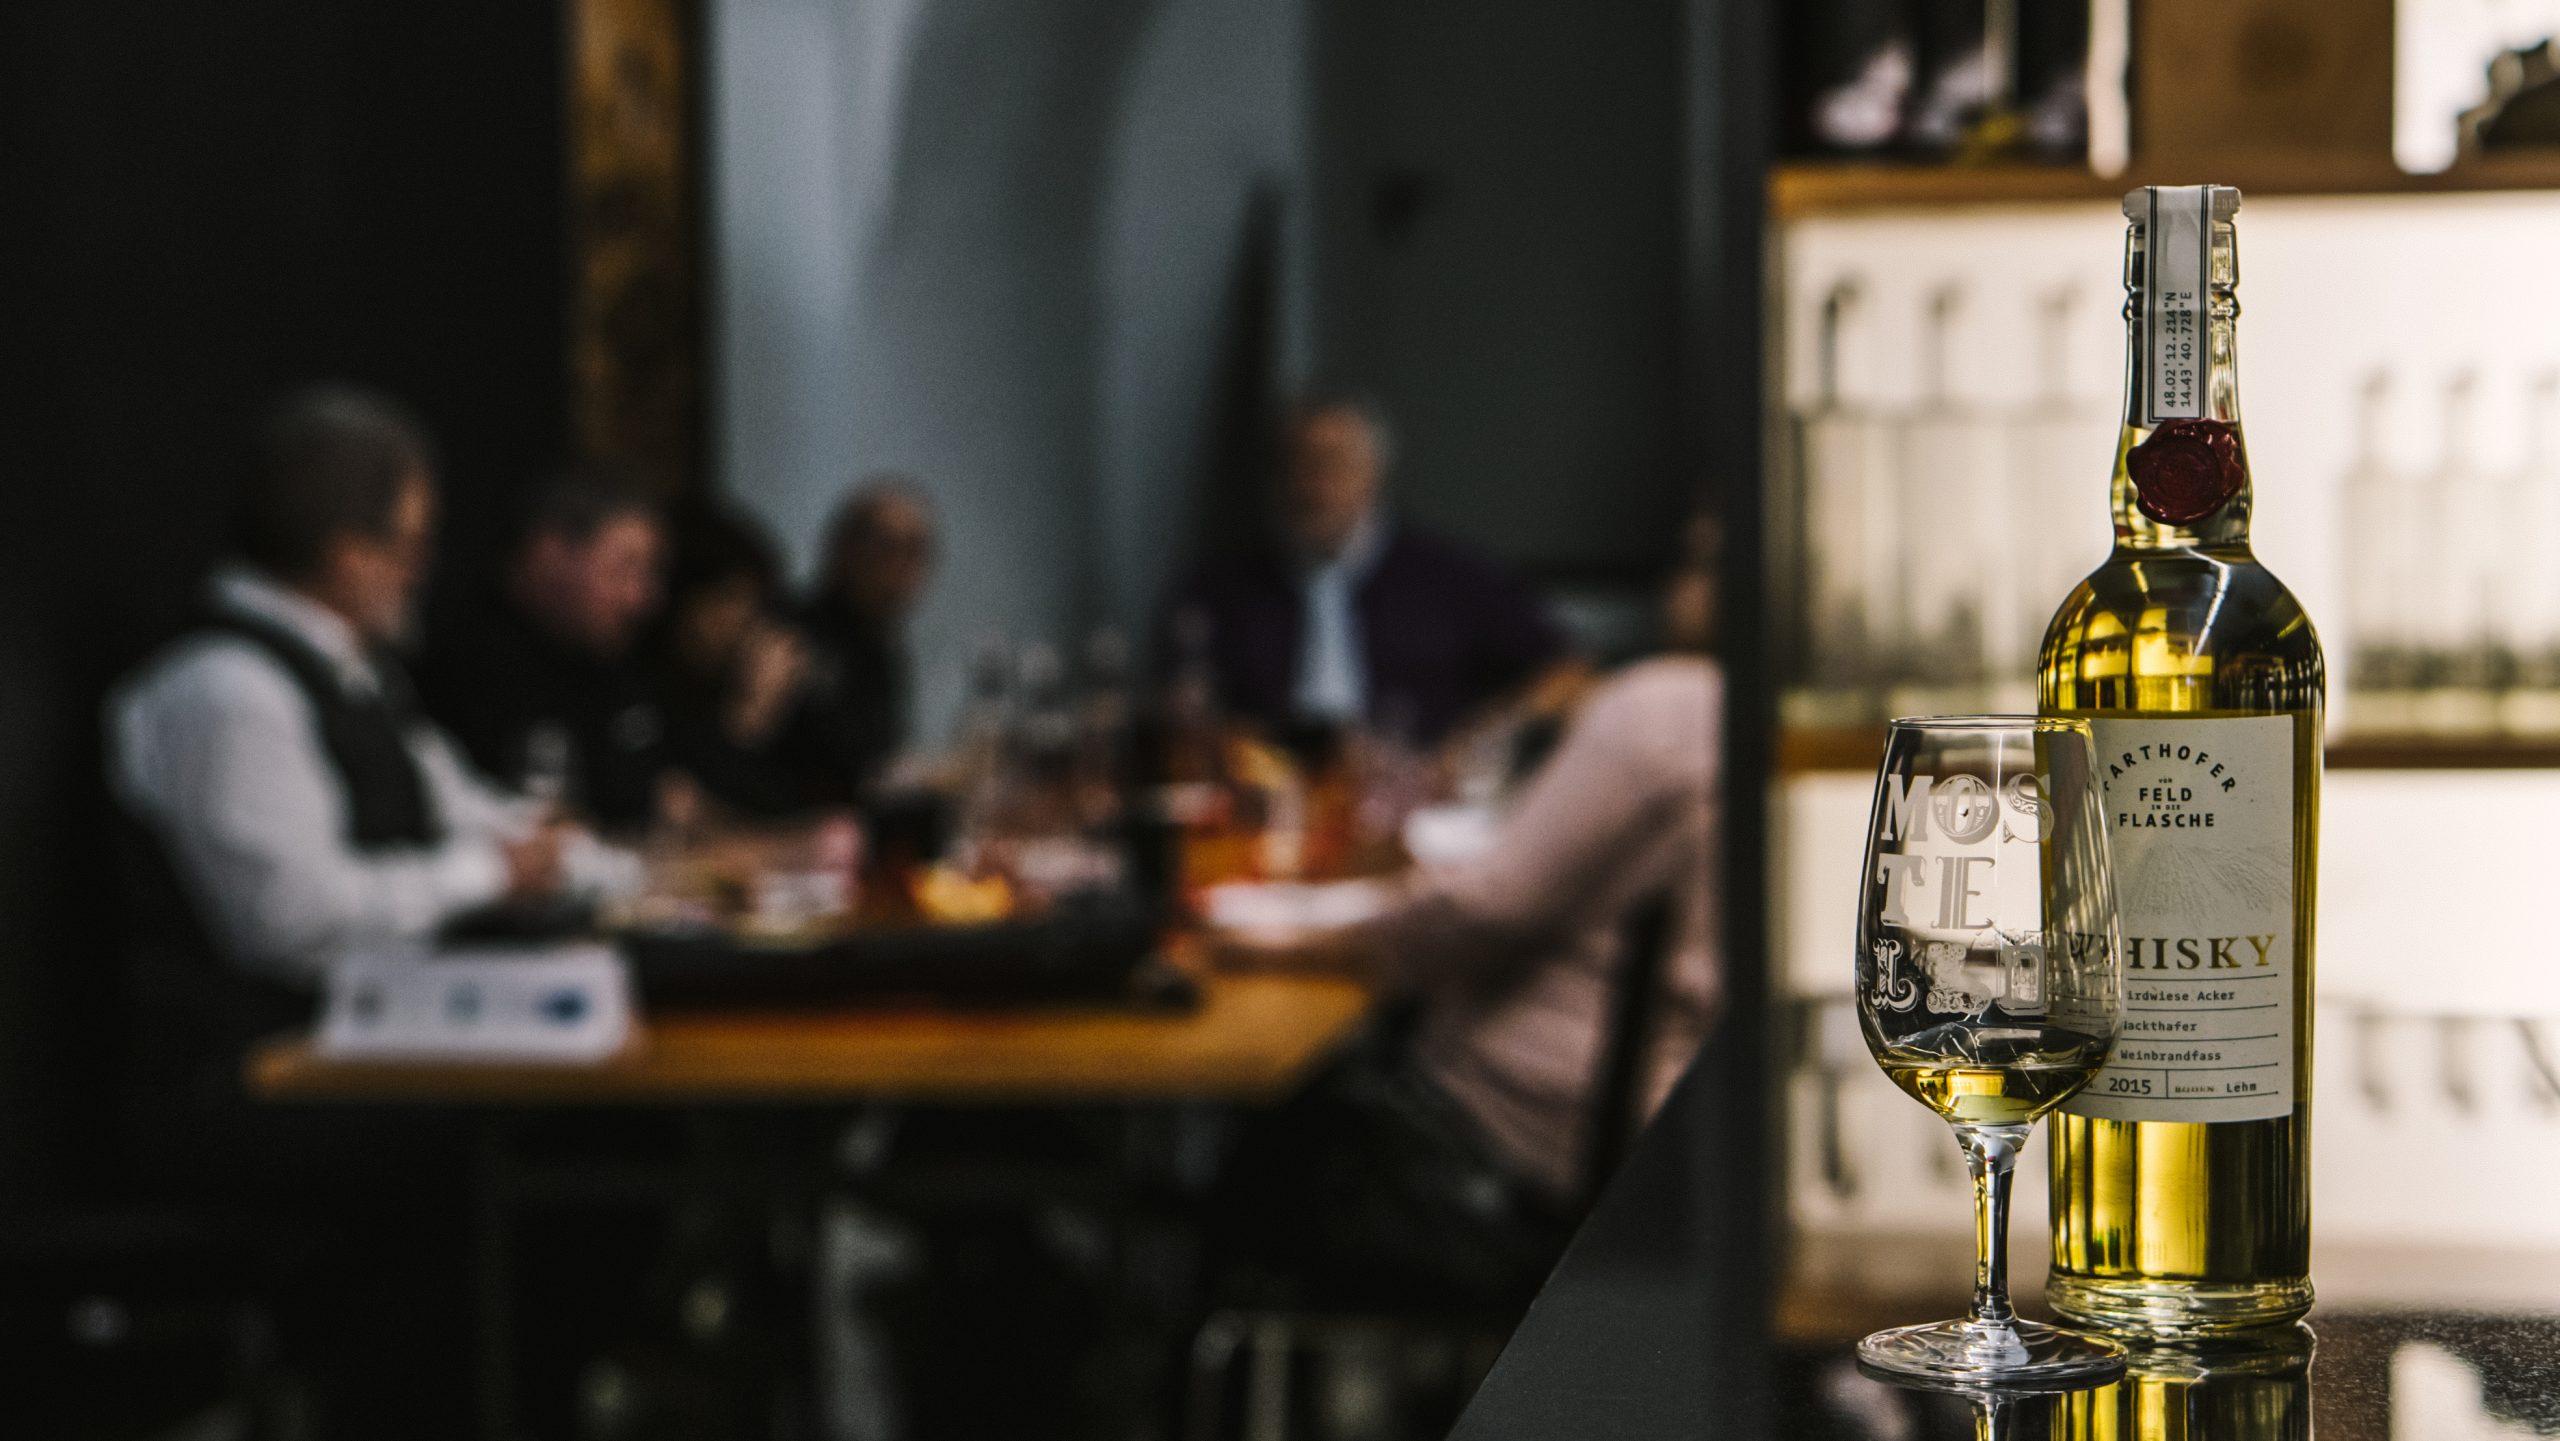 Whiskyprofis kosten die Roh-Destillate en primeur